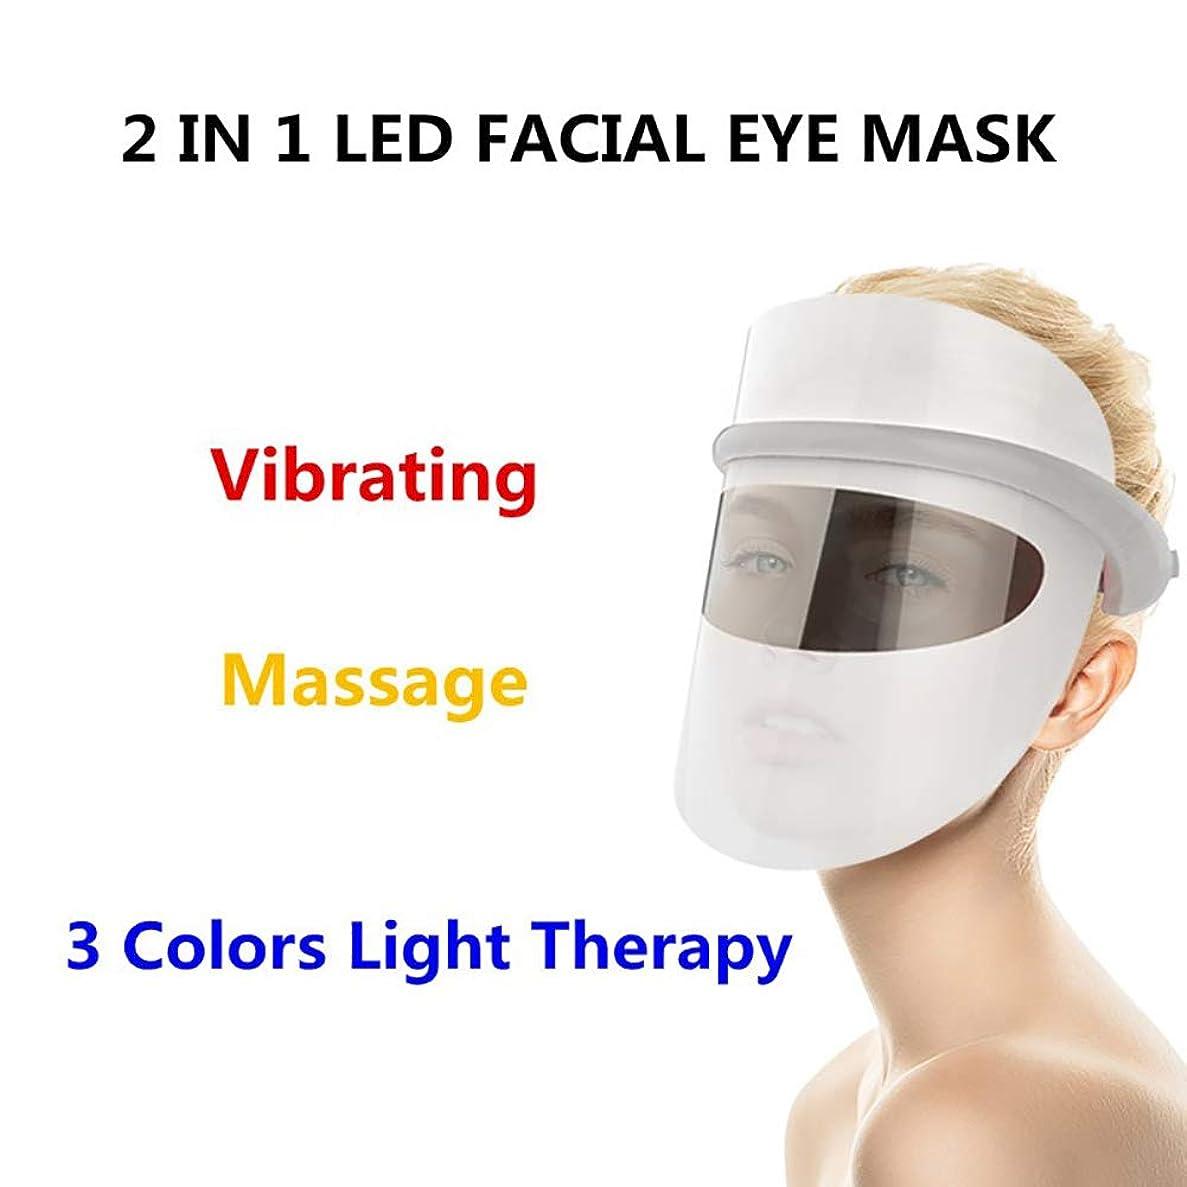 余暇腸円形のLEDフォトンビューティーマスク、家庭用Ledビューティーマスク、ホットコンプレックス振動マッサージアイマスク3色、コラーゲン、アンチエイジング、しわ、瘢痕